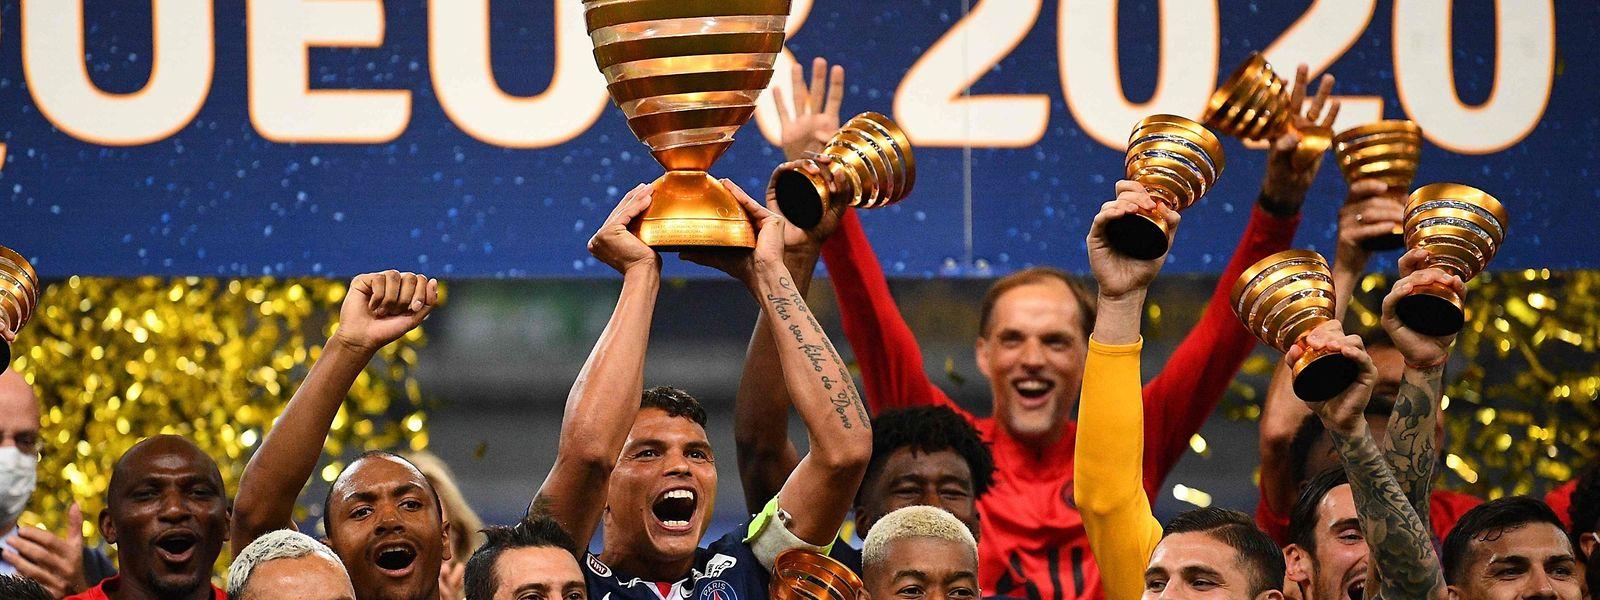 Thiago Silva (Bildmitte) und seine Teamkollegen von Paris SG freuen sich über den Gewinn der Coupe de la Ligue.